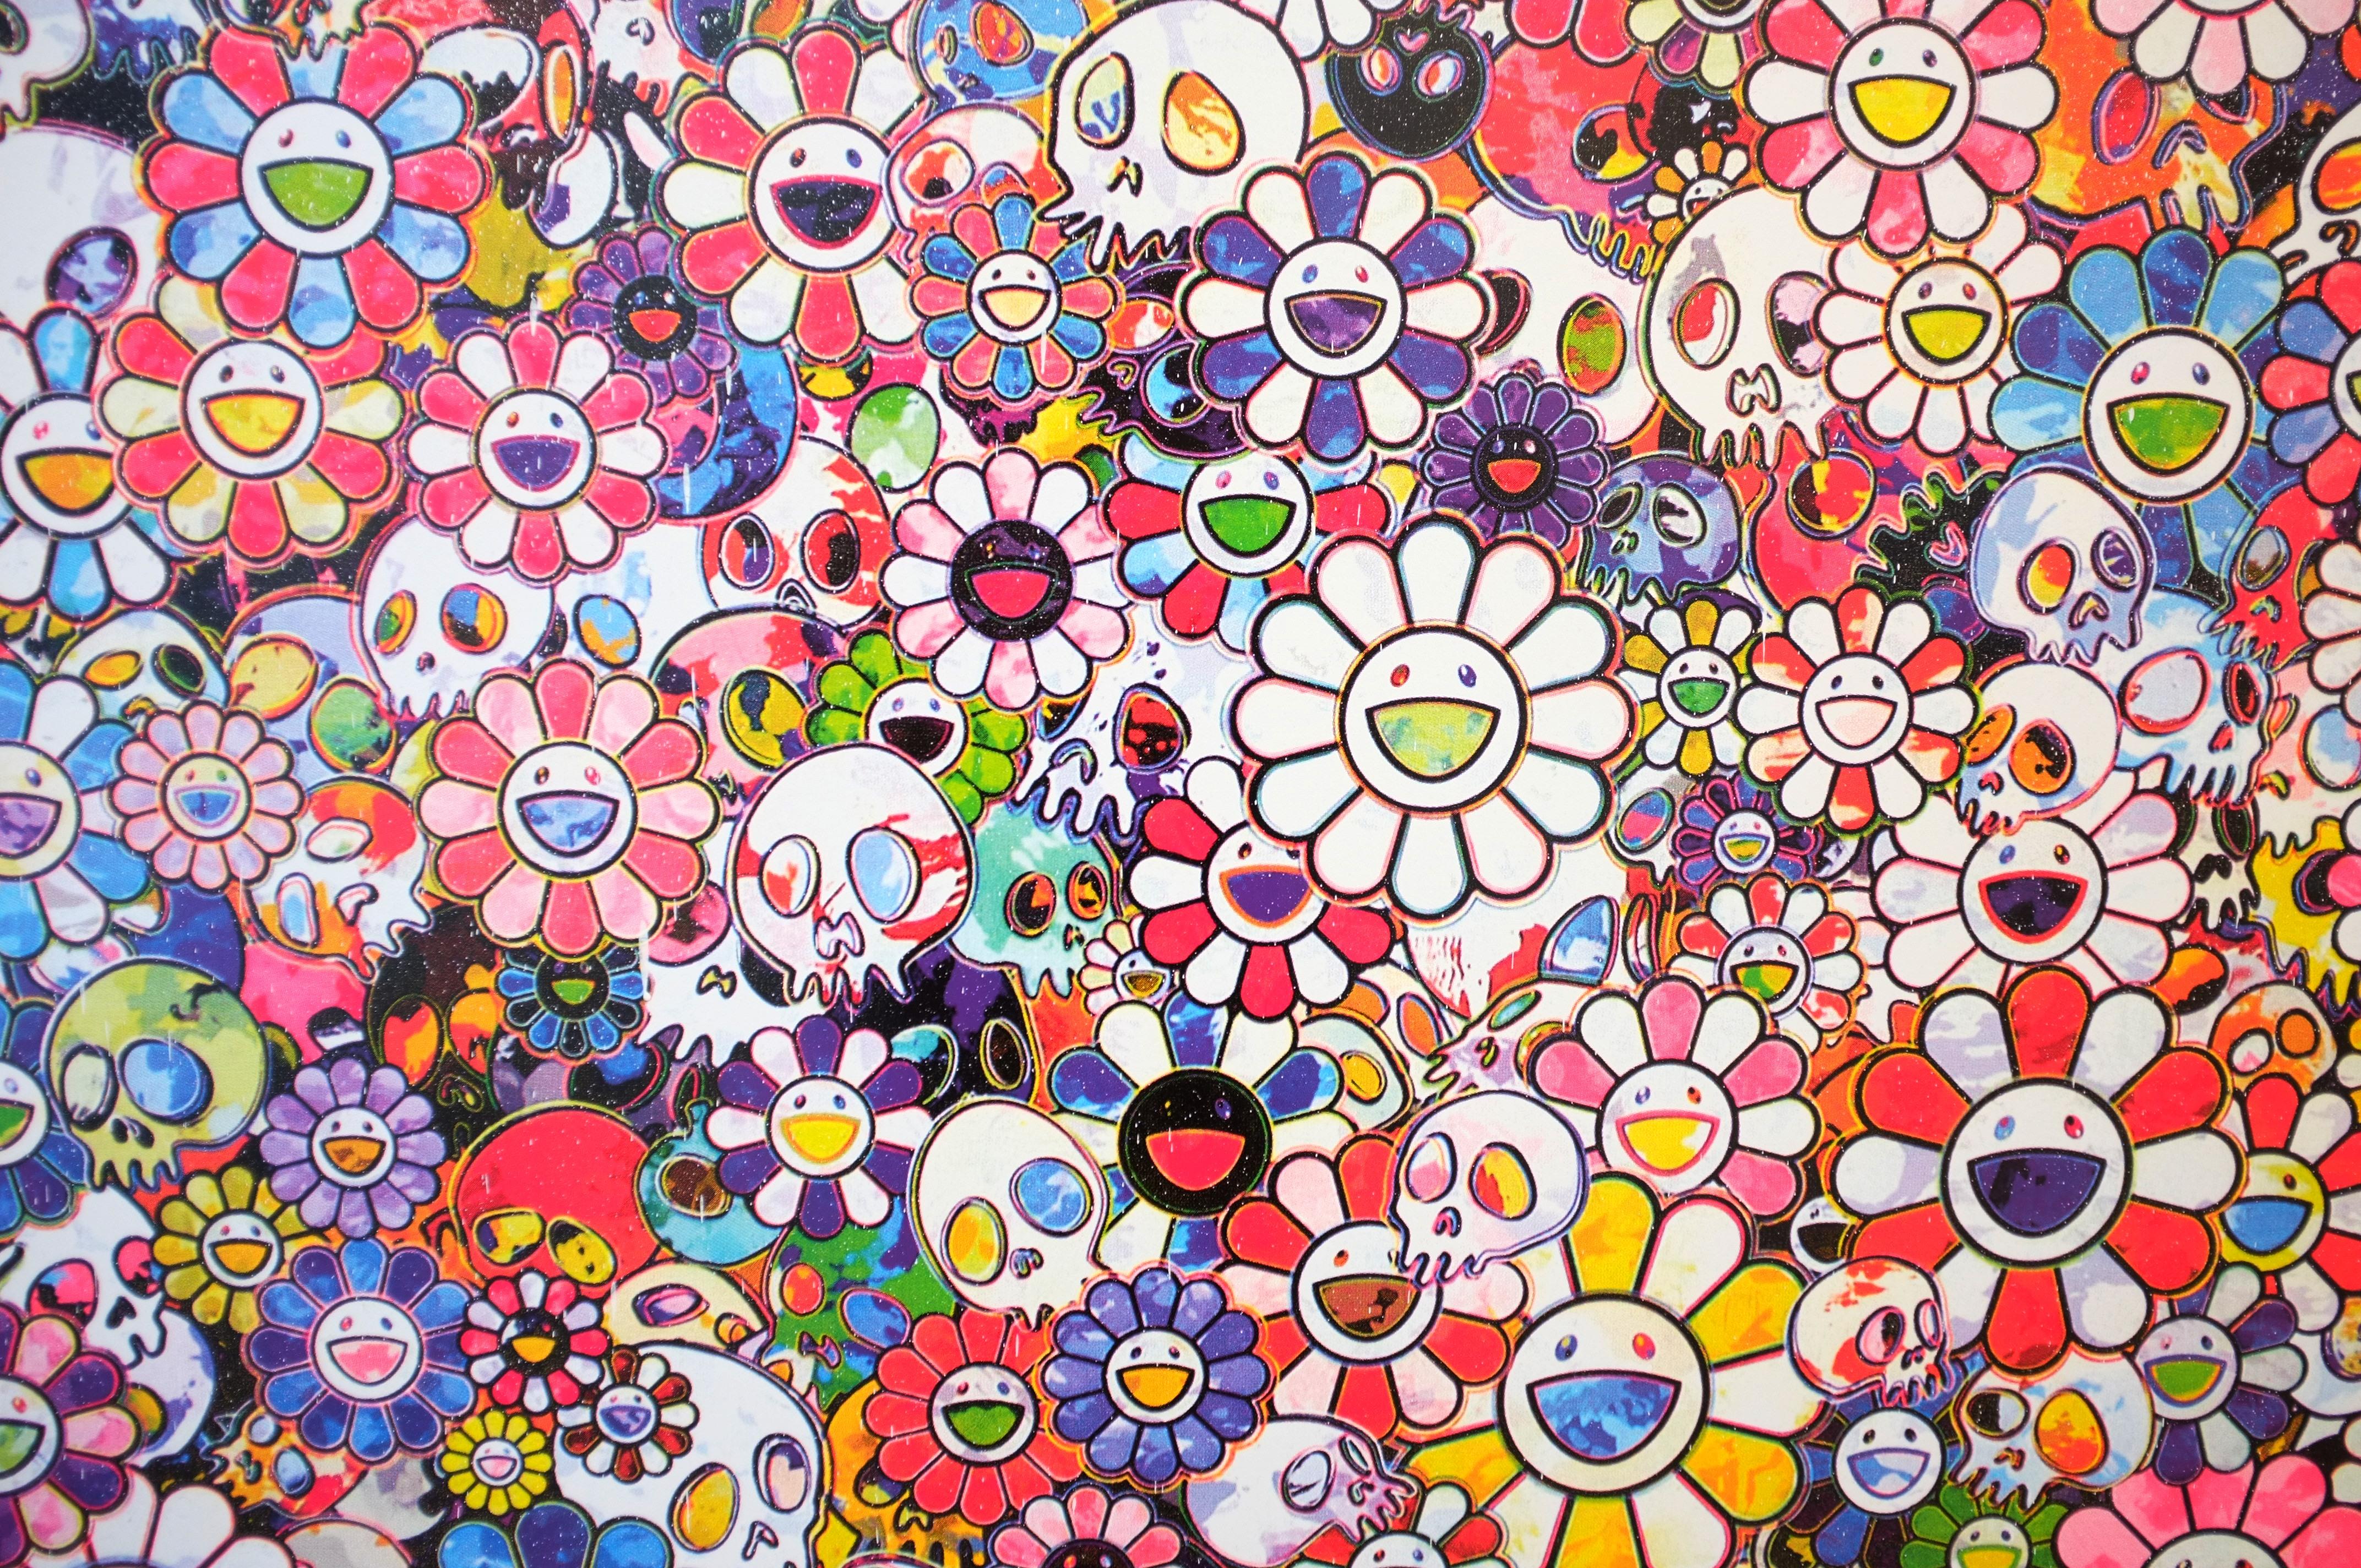 Takashi Murakami – Flowers and Skulls